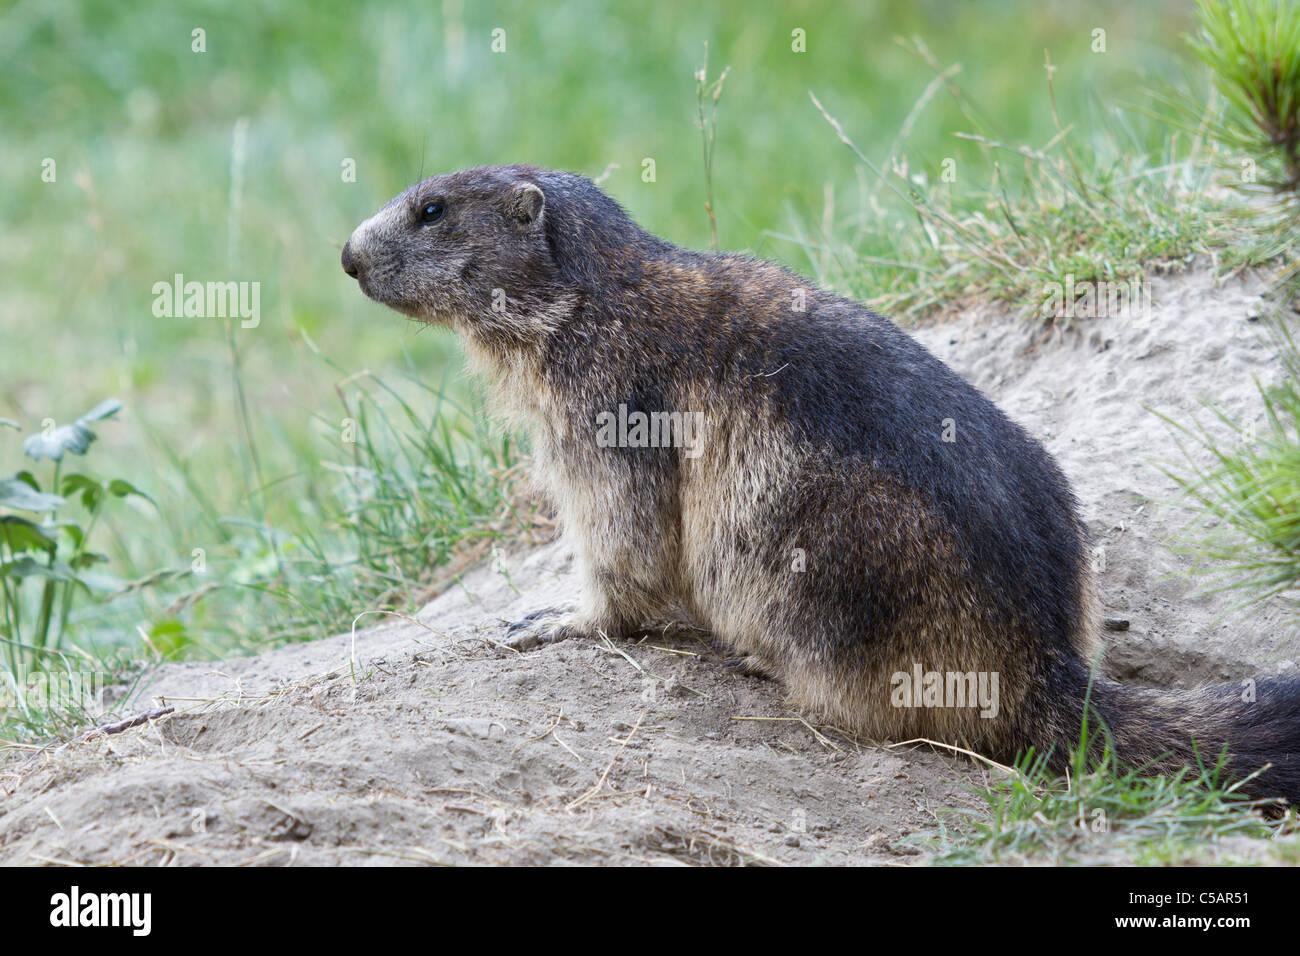 Marmot, Marmota marmota - Stock Image